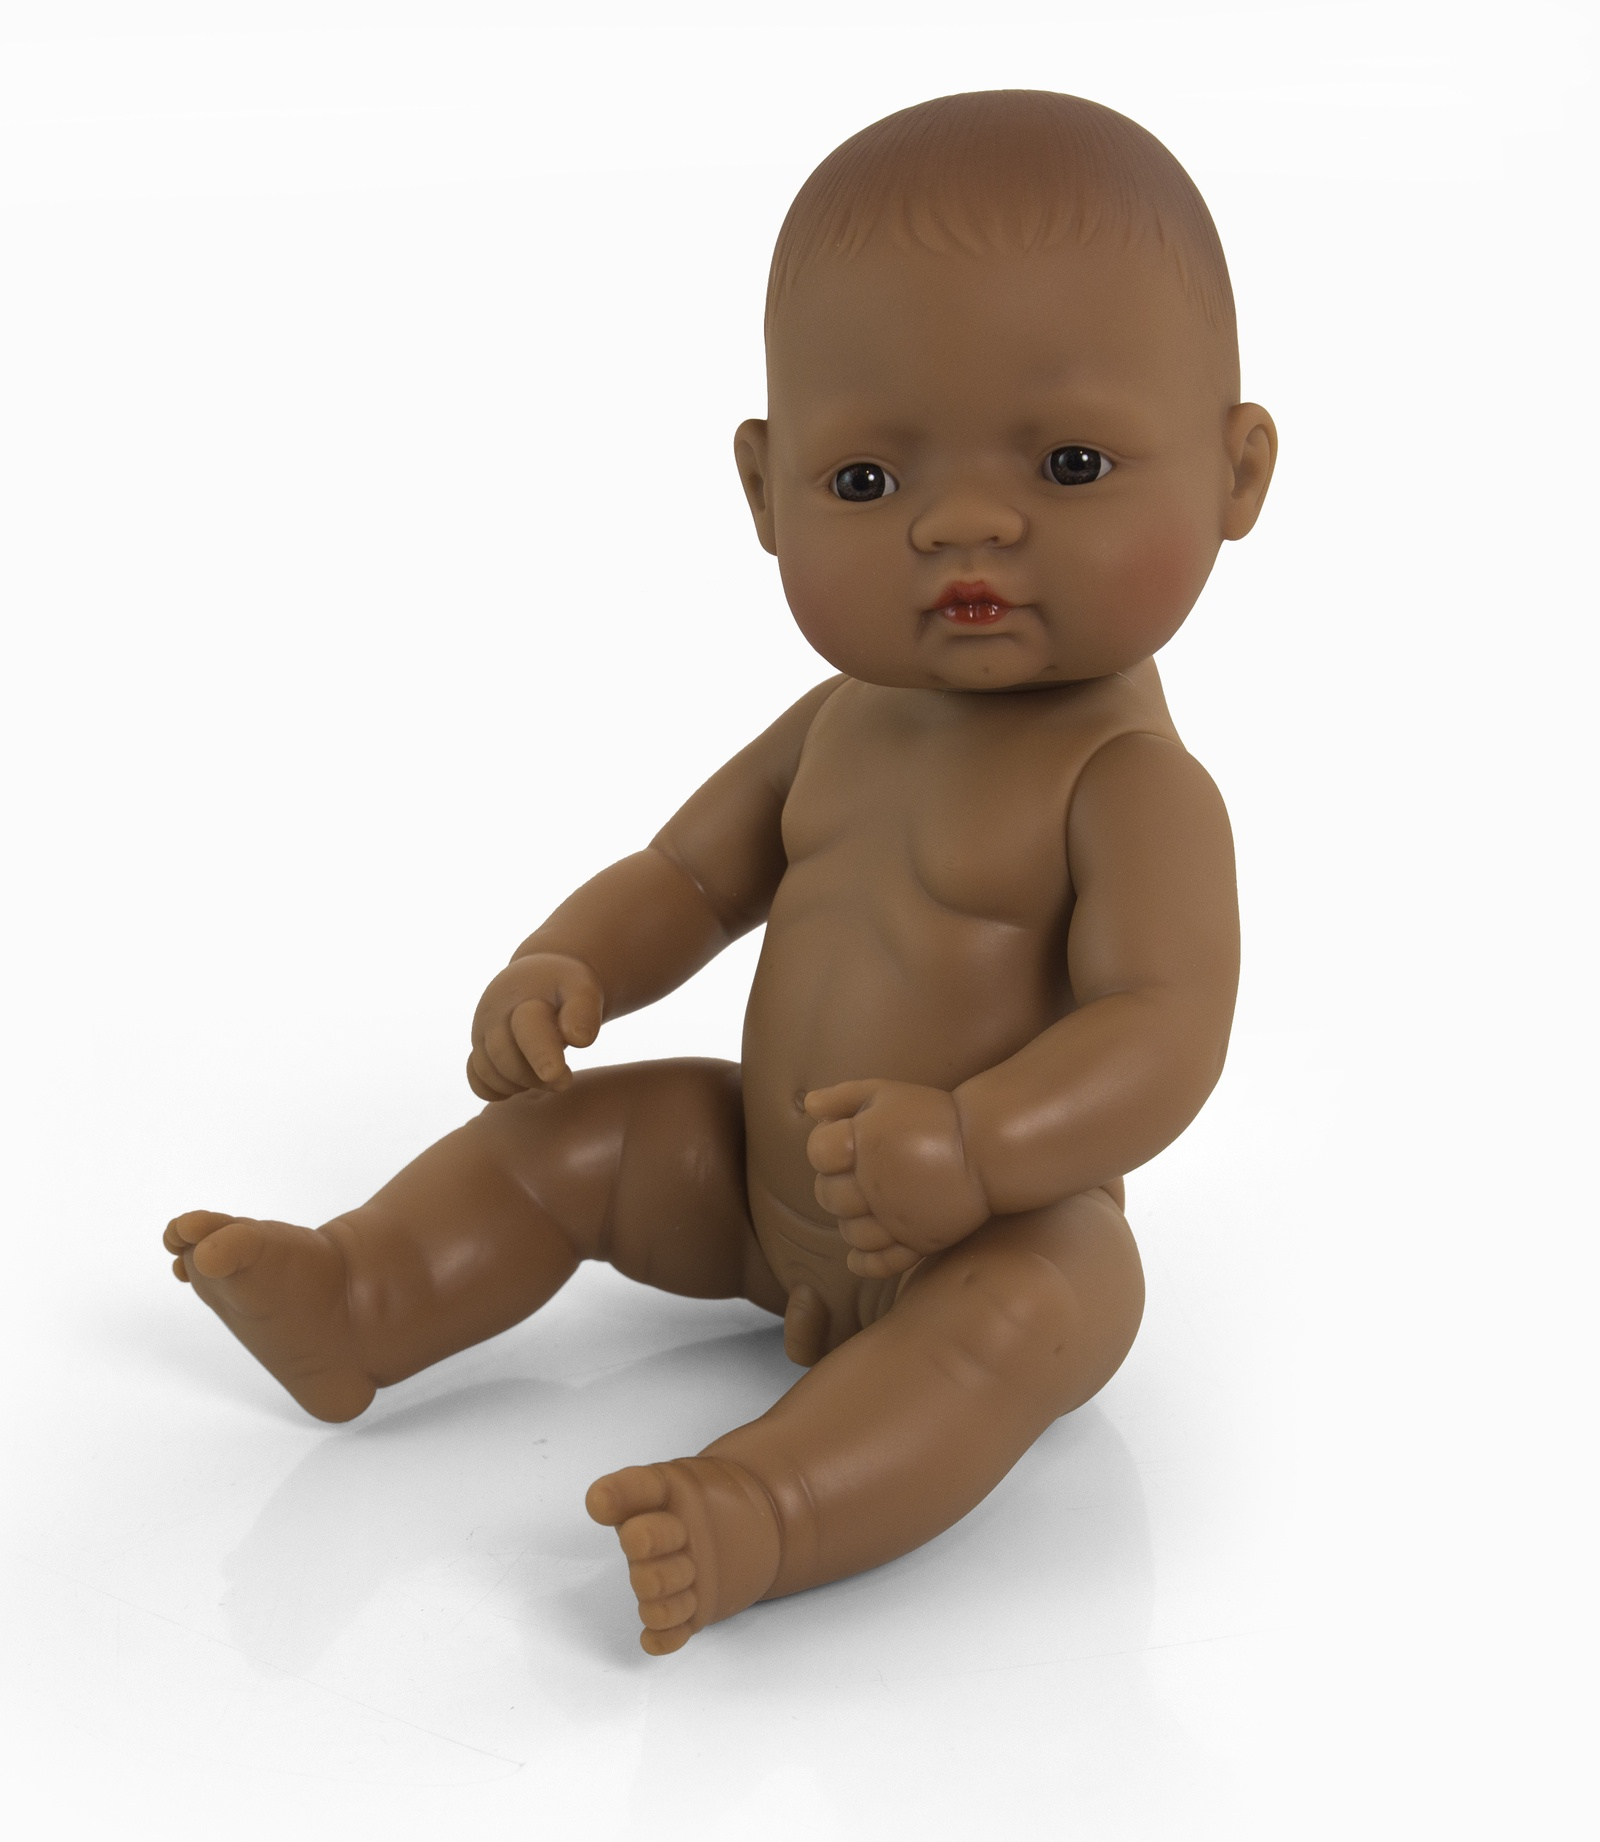 Кукла Miniland Мальчик латиноамериканец 32 см.